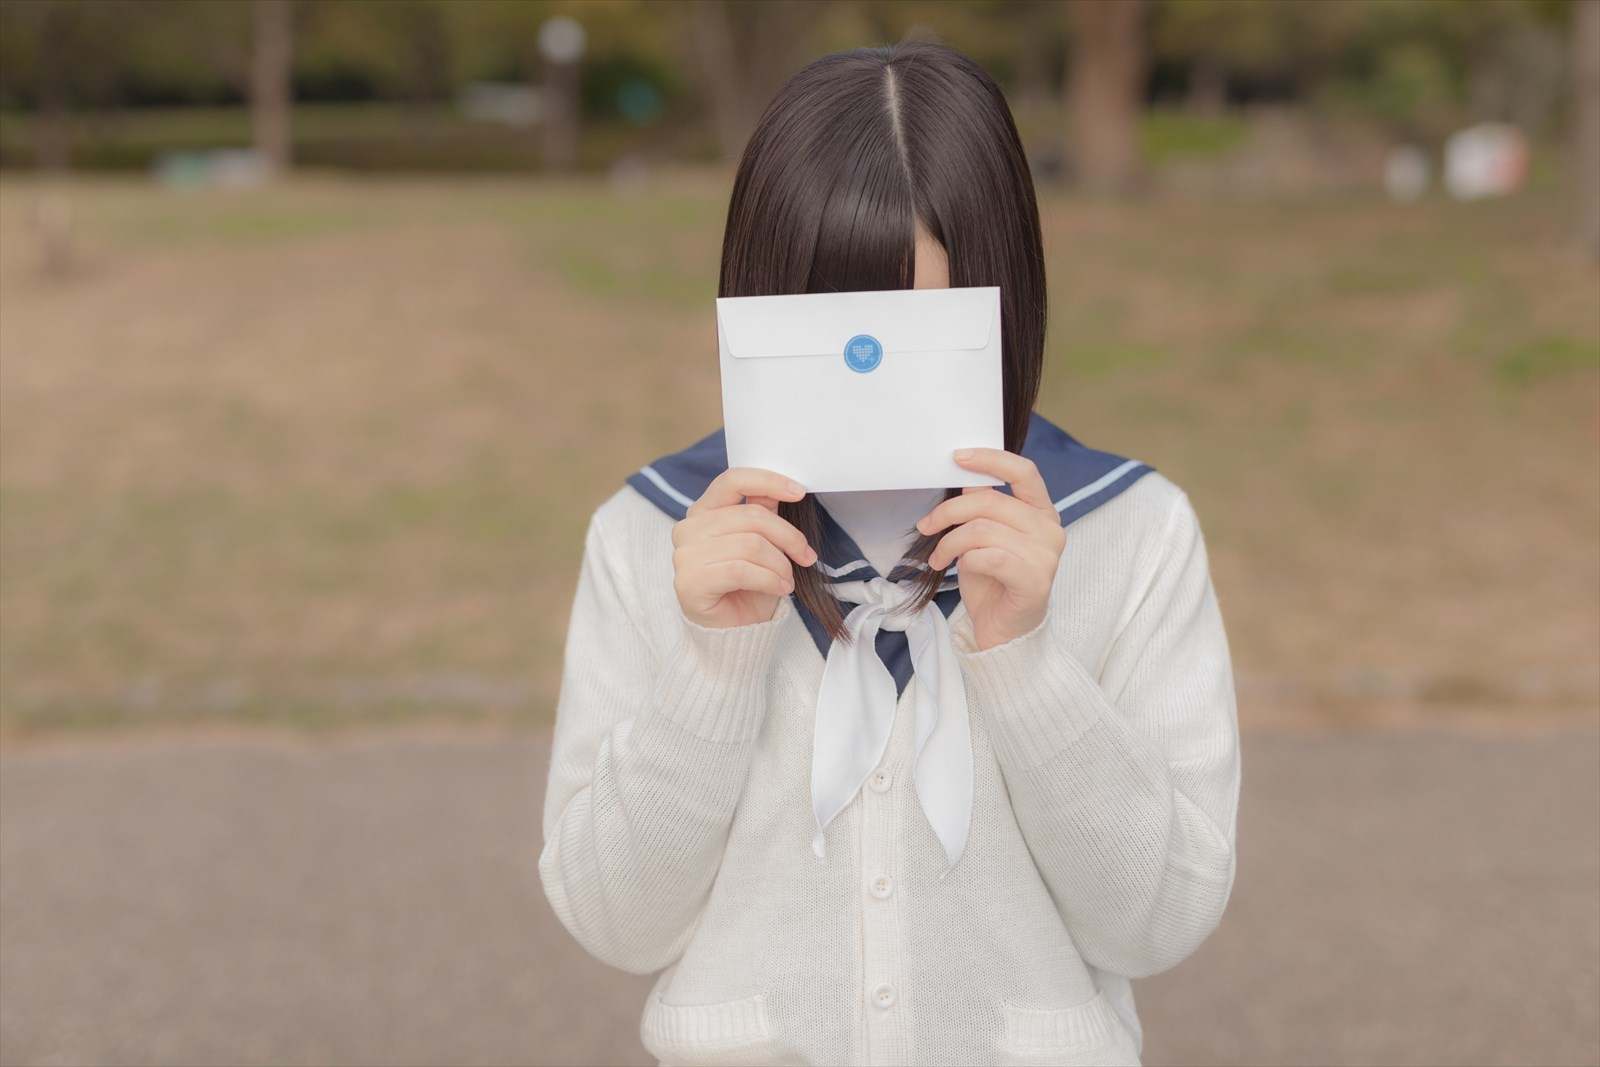 【兔玩映画】学妹的情书 兔玩映画 第49张